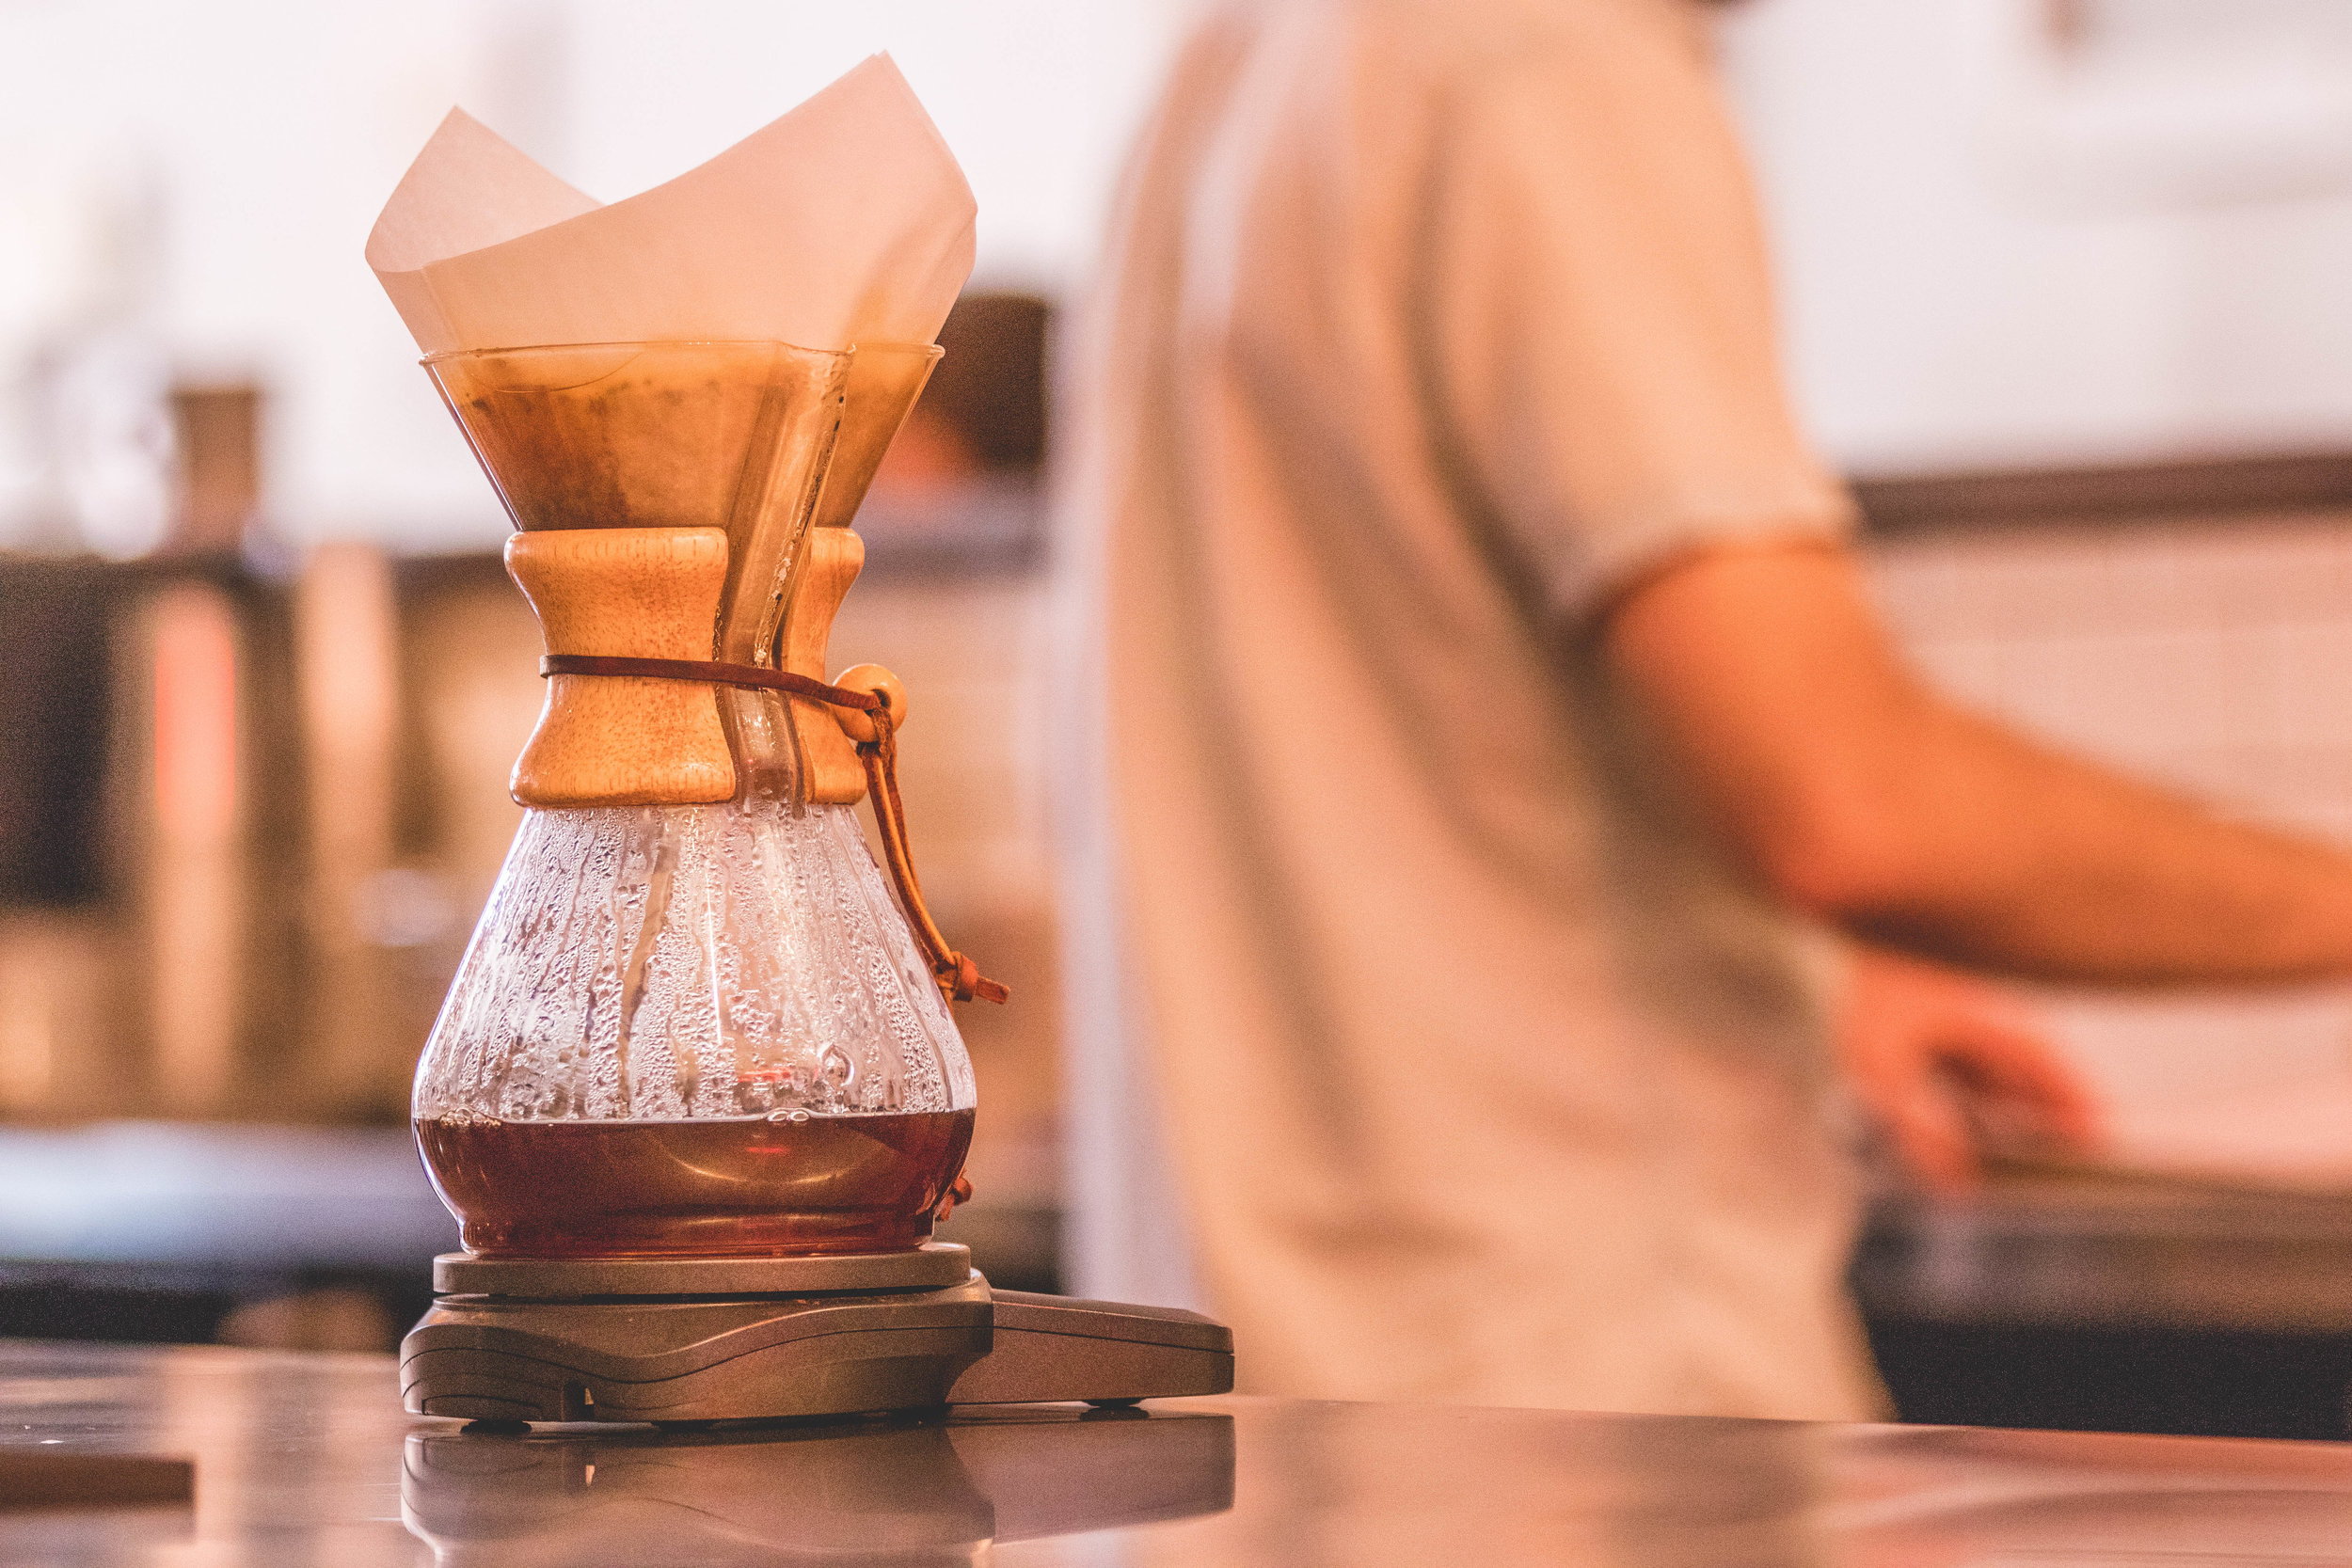 Sugar Brown_s Coffee - 2019 - 08 of 23.jpg